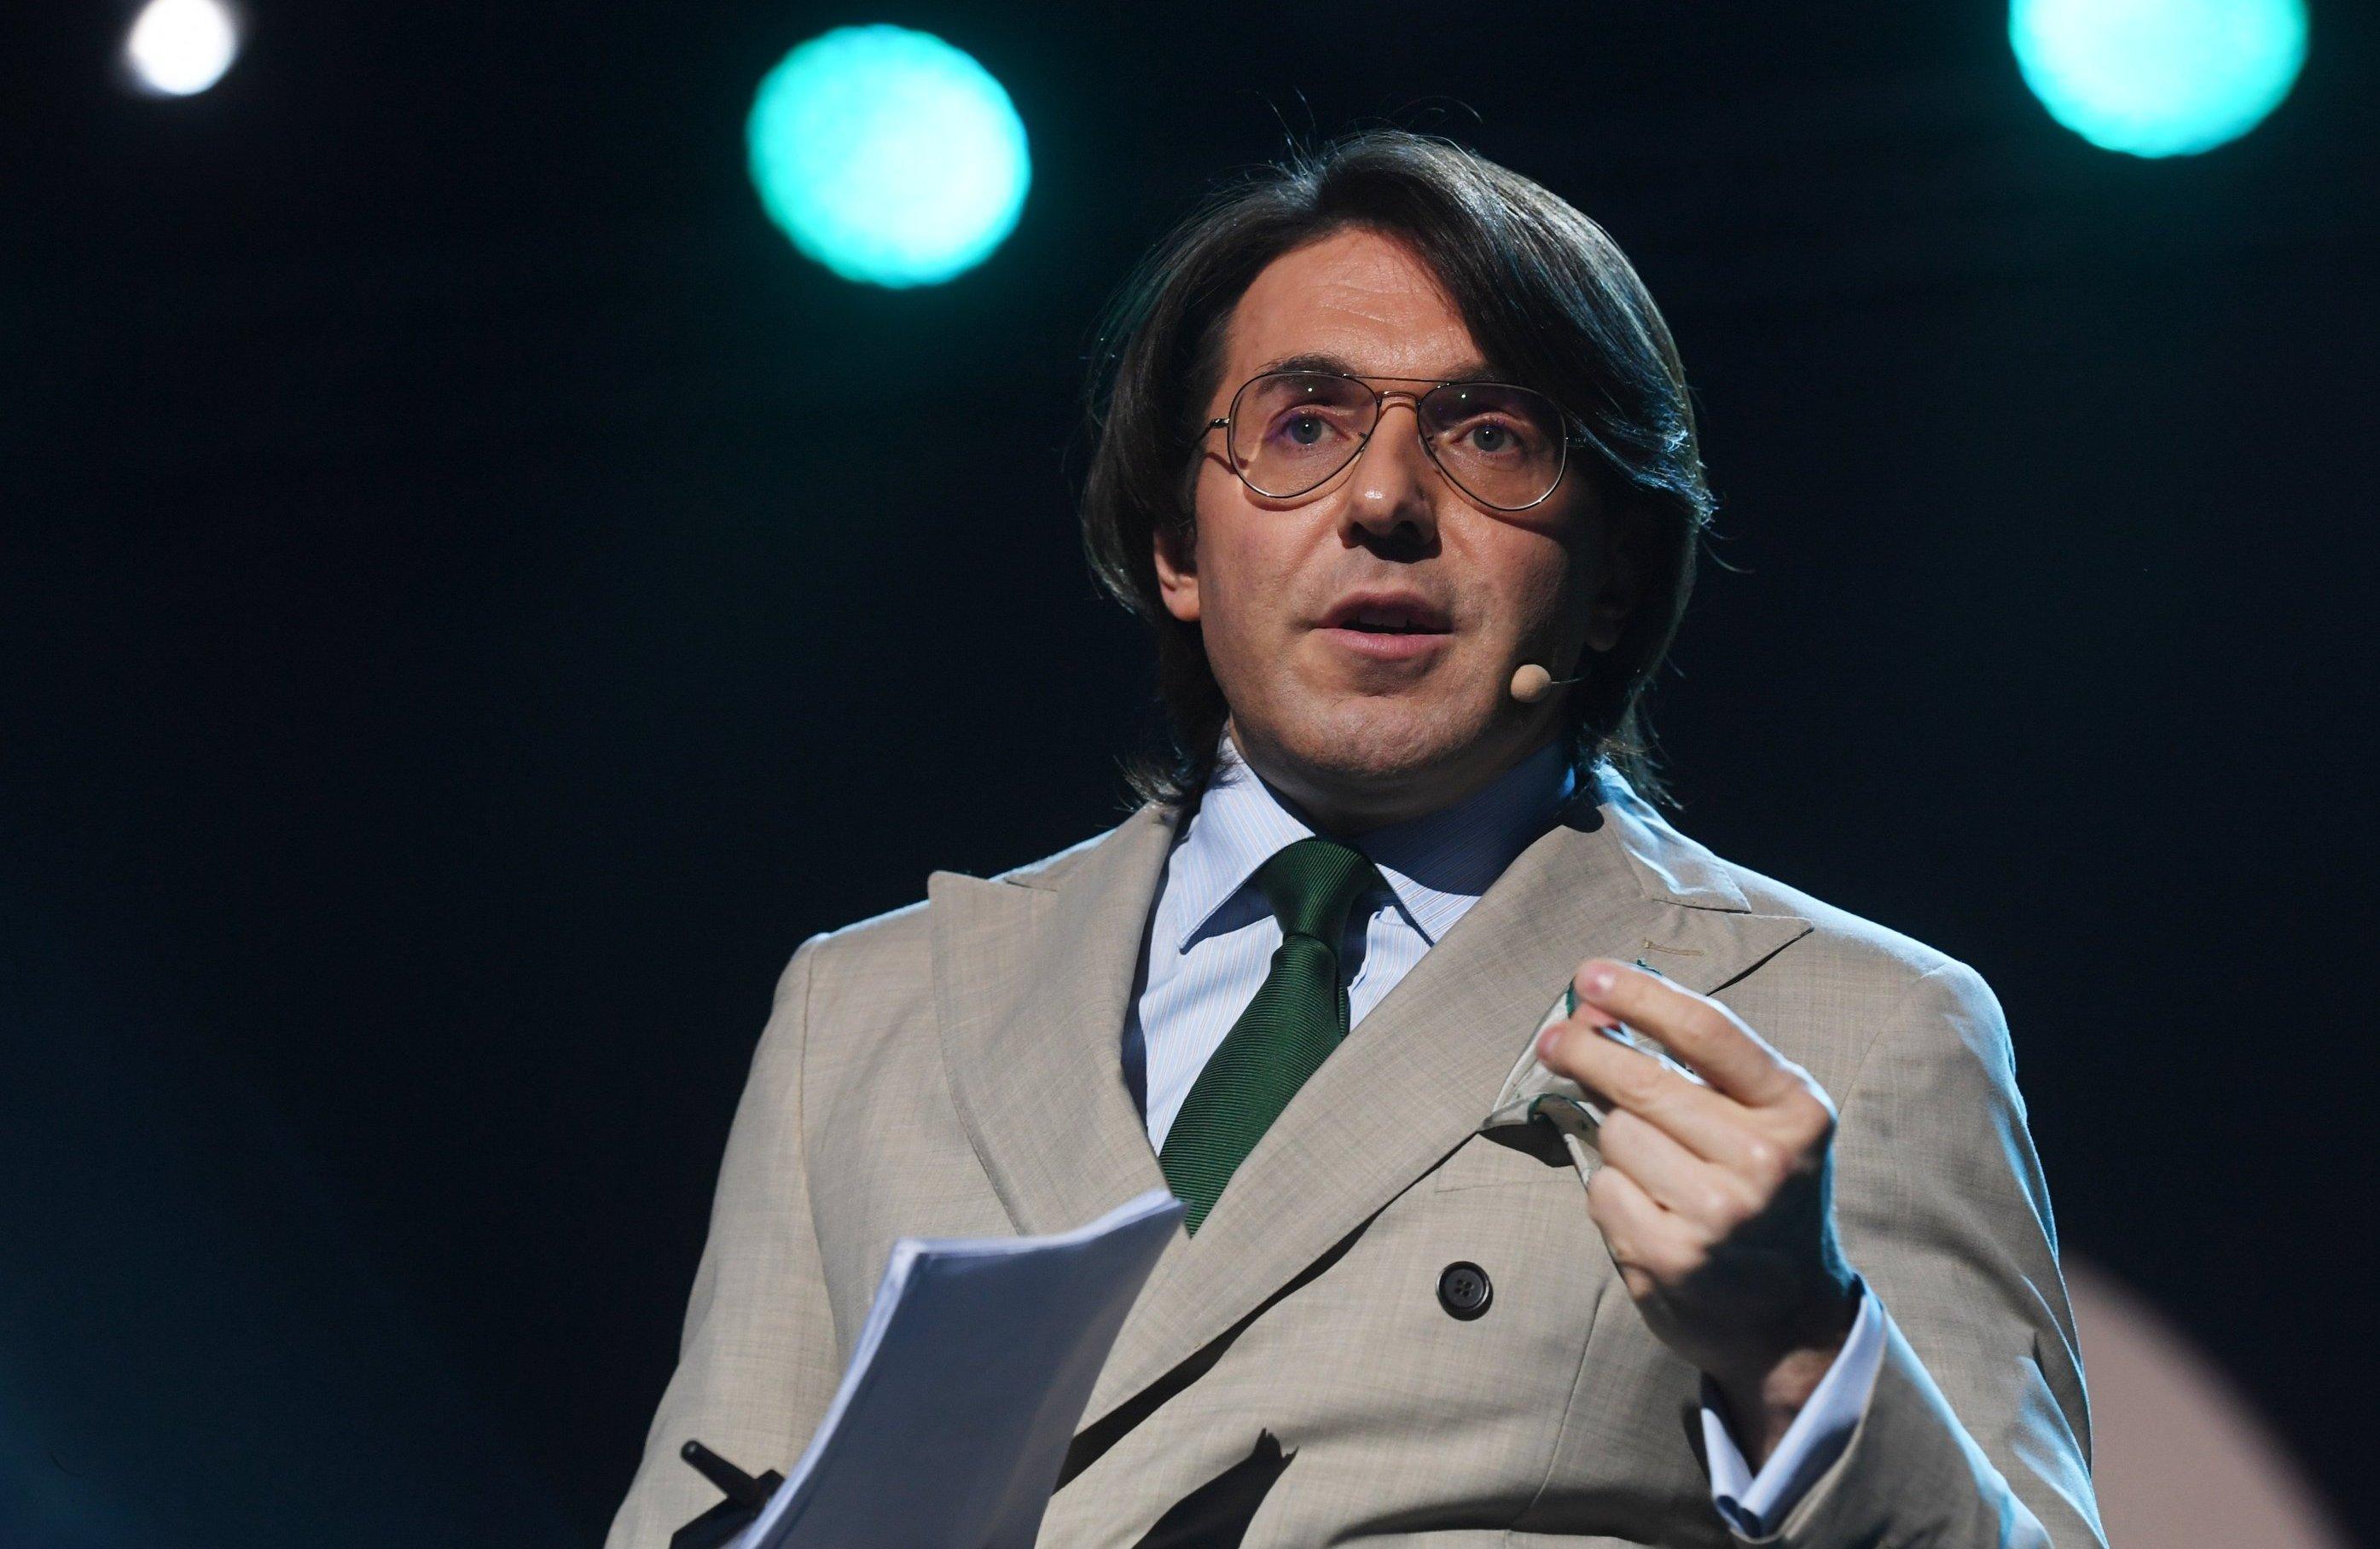 Андрей Малахов: У меня нет и никогда не было психолога. Есть знакомые священники, есть спортзал и восемь часов сна